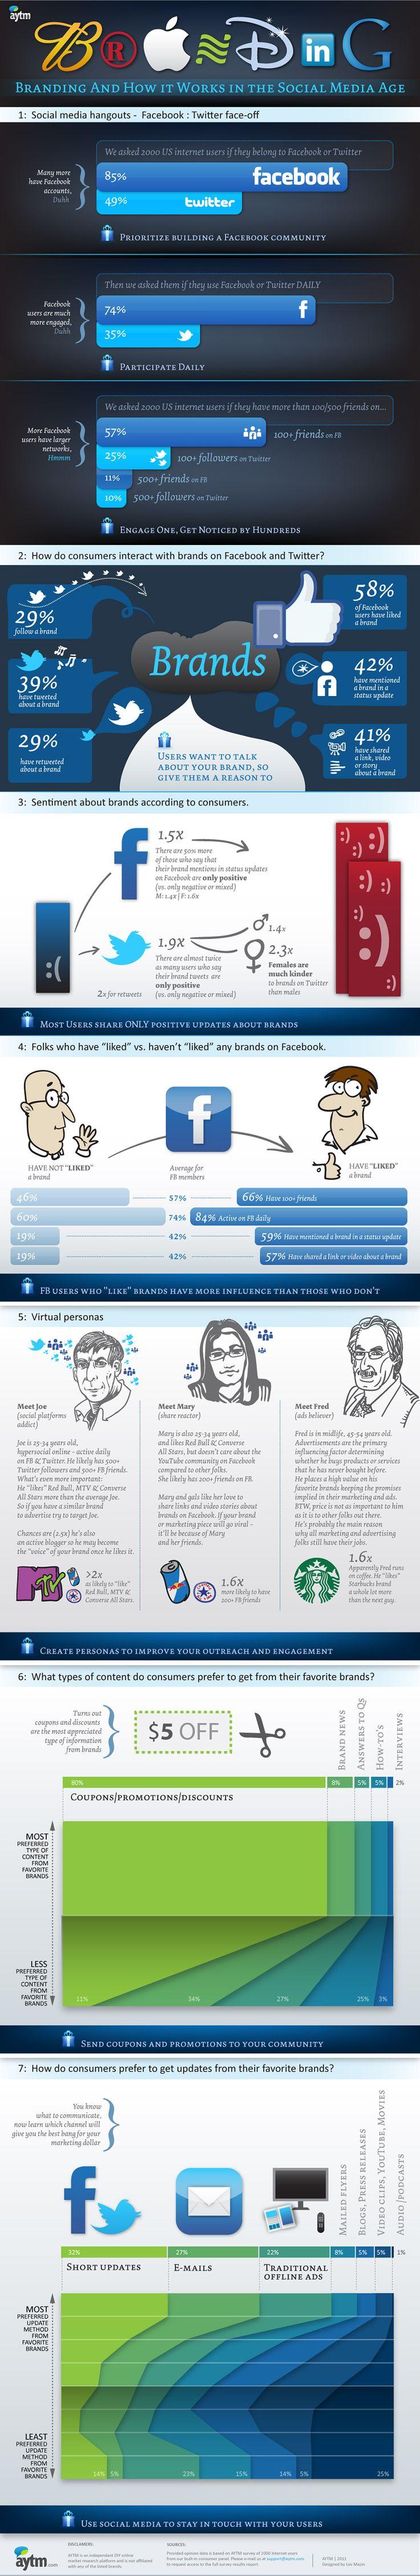 Branding in social media age